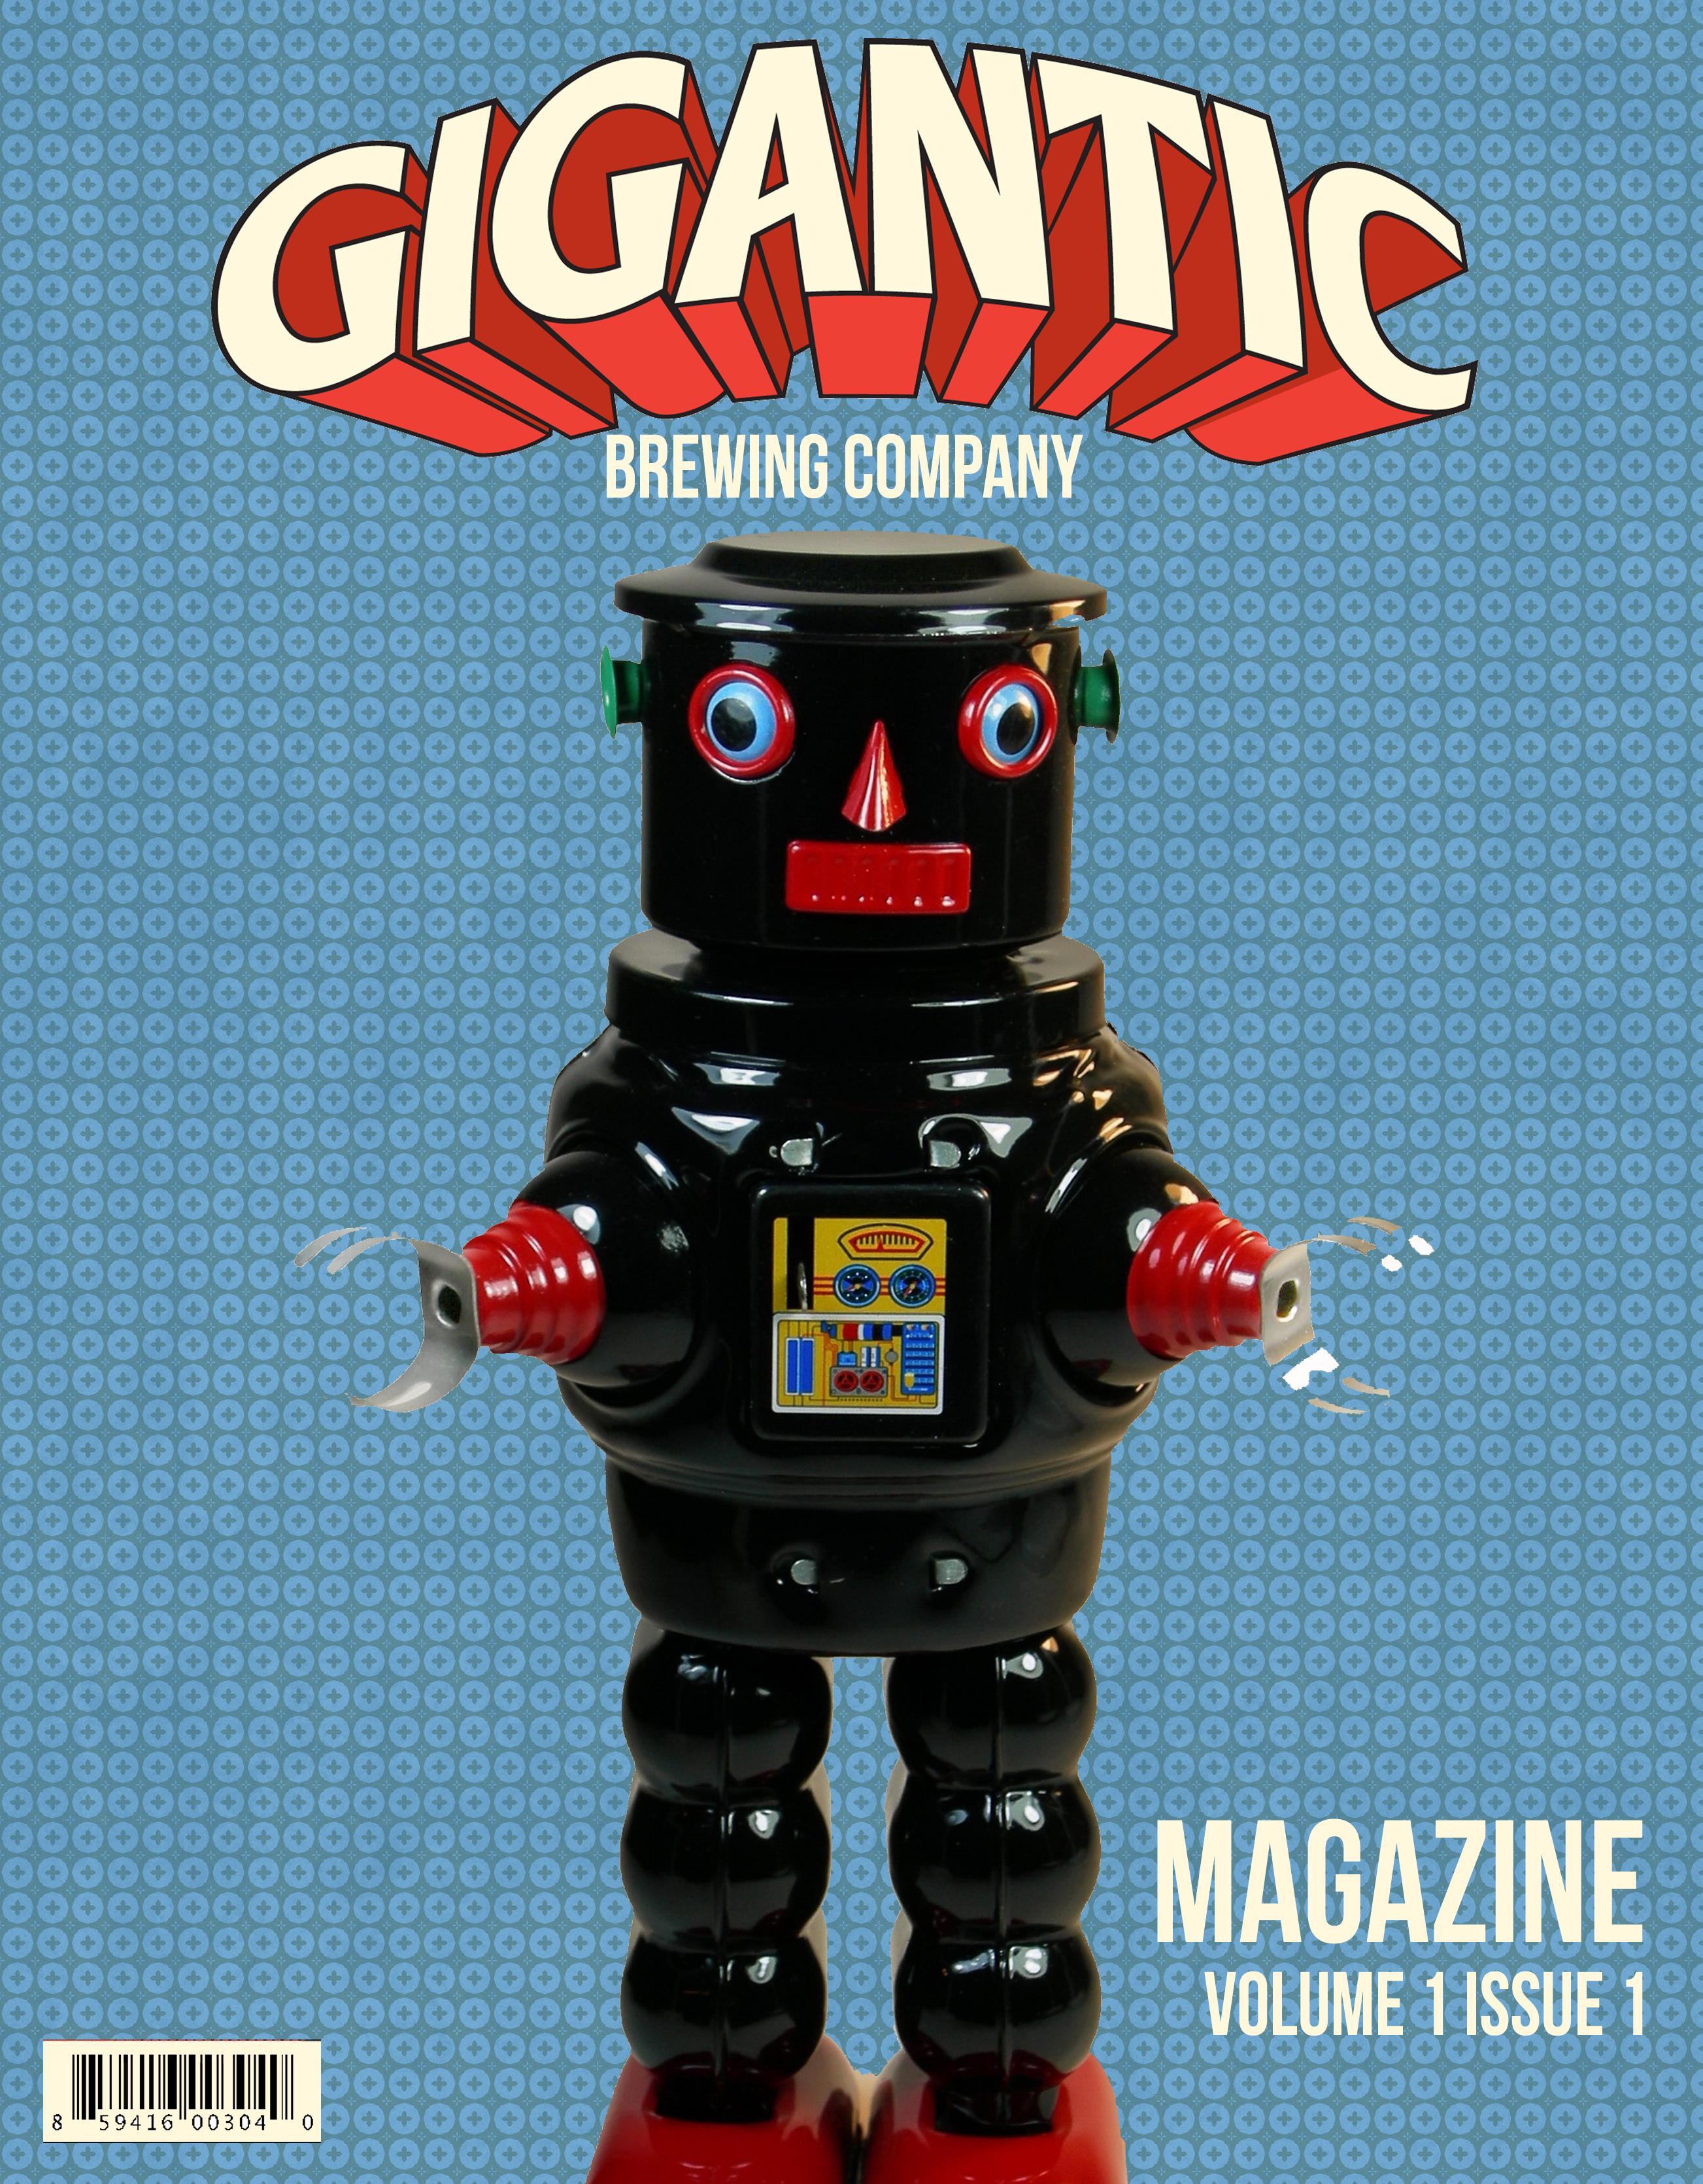 Gigantic Magazine Cover October 2016